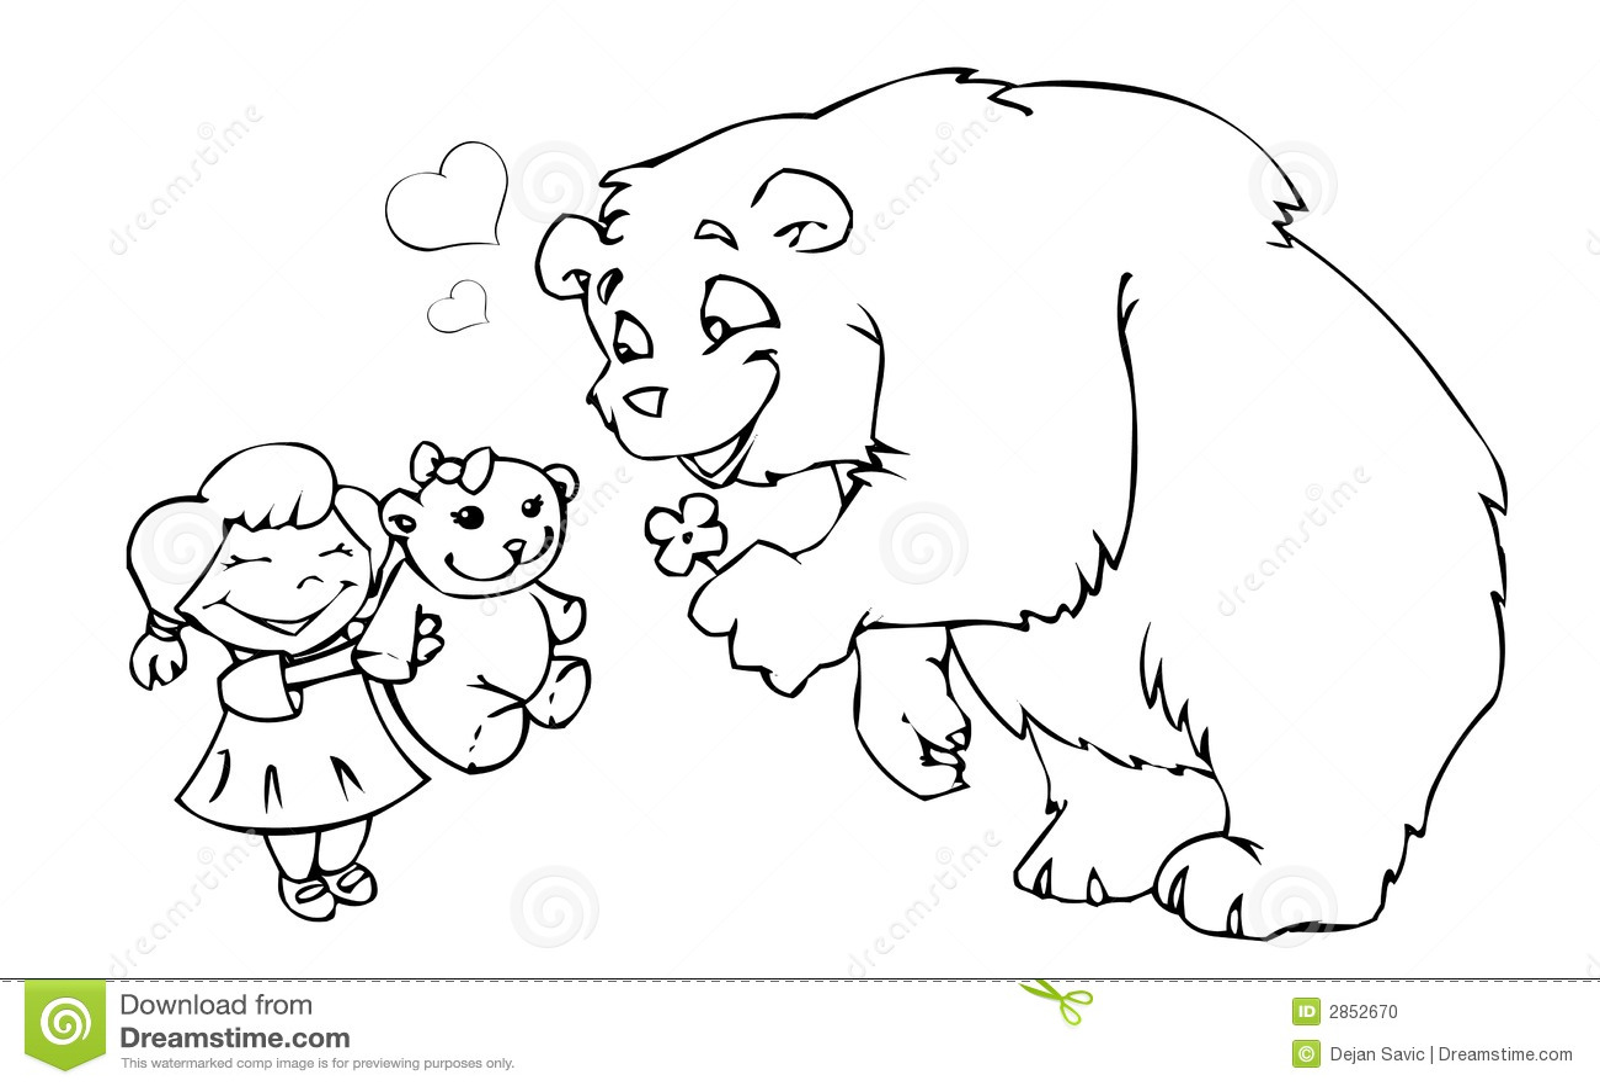 Draag meisje en teddybeer